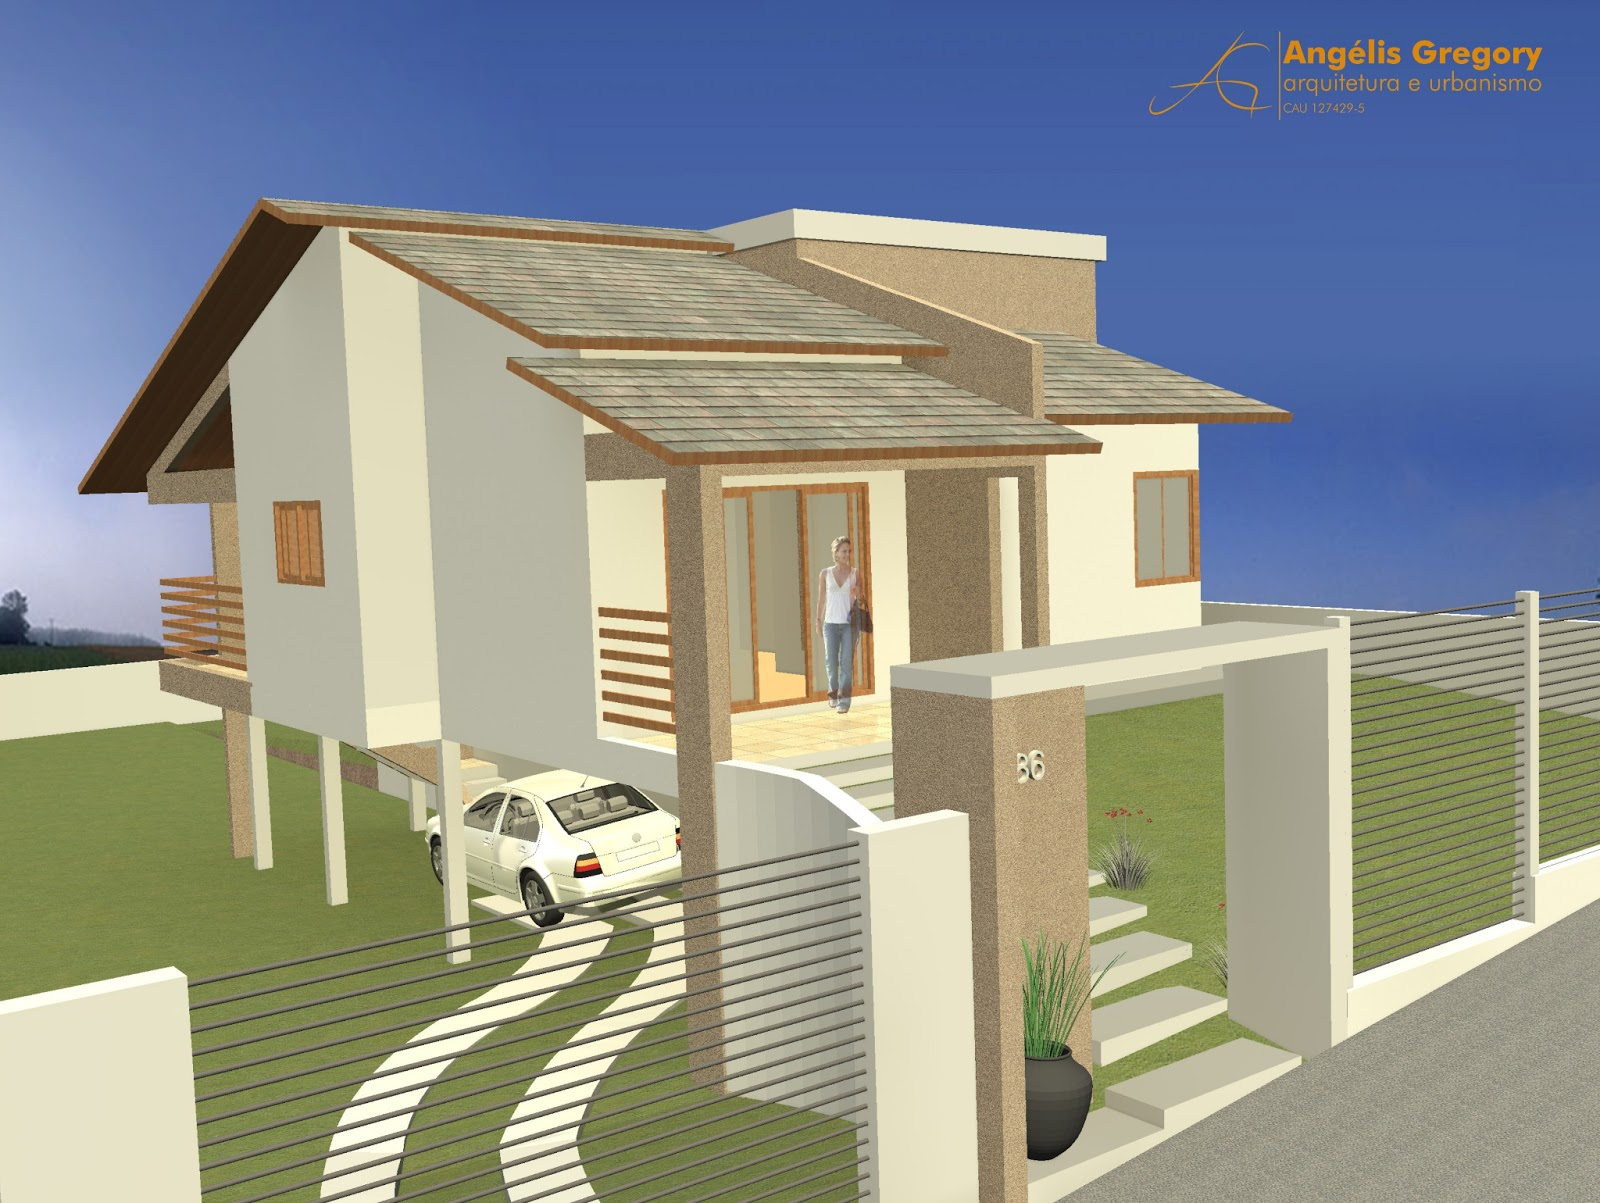 #3C568F  Urbanismo: Projetos para Minha Casa Minha Vida do Governo Federal 1600x1203 px Projeto Cozinha Comunitária Governo Federal_4147 Imagens